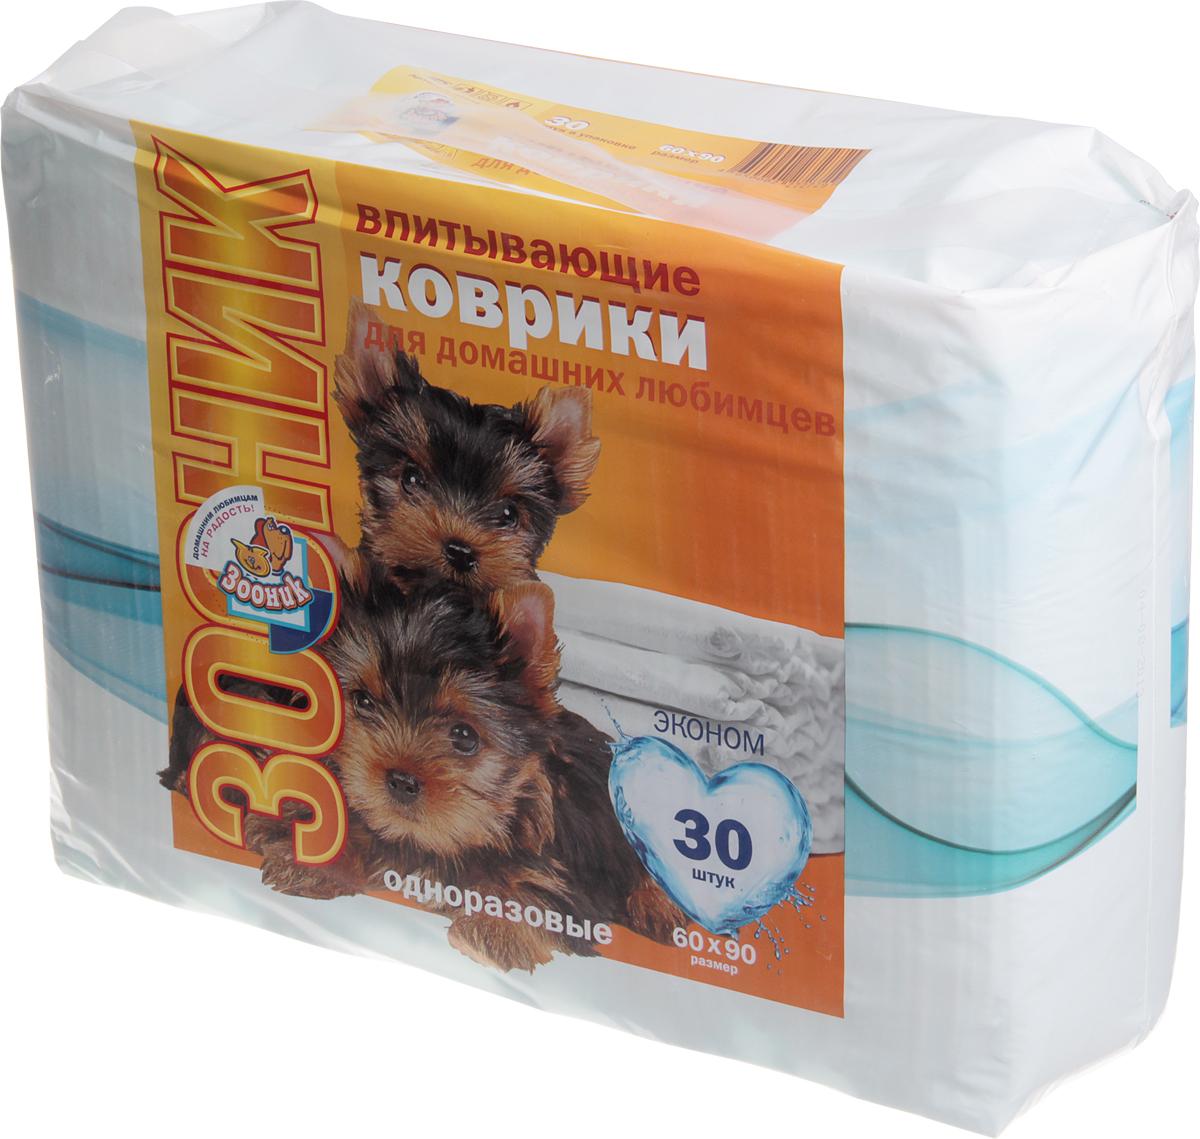 Коврики впитывающие Зооник, 60 х 90 см, 30 шт3005Коврики впитывающие Зооник предназначены для одноразового использования. Верхний слой изготовлен из мягкого нетканого гипоаллергенного материала, который отлично впитывает и удерживает влагу и поглощает запах. Коврики могут использоваться как для туалетных лотков, так и при транспортировке в переноске или автомобиле. Количество: 30 шт.